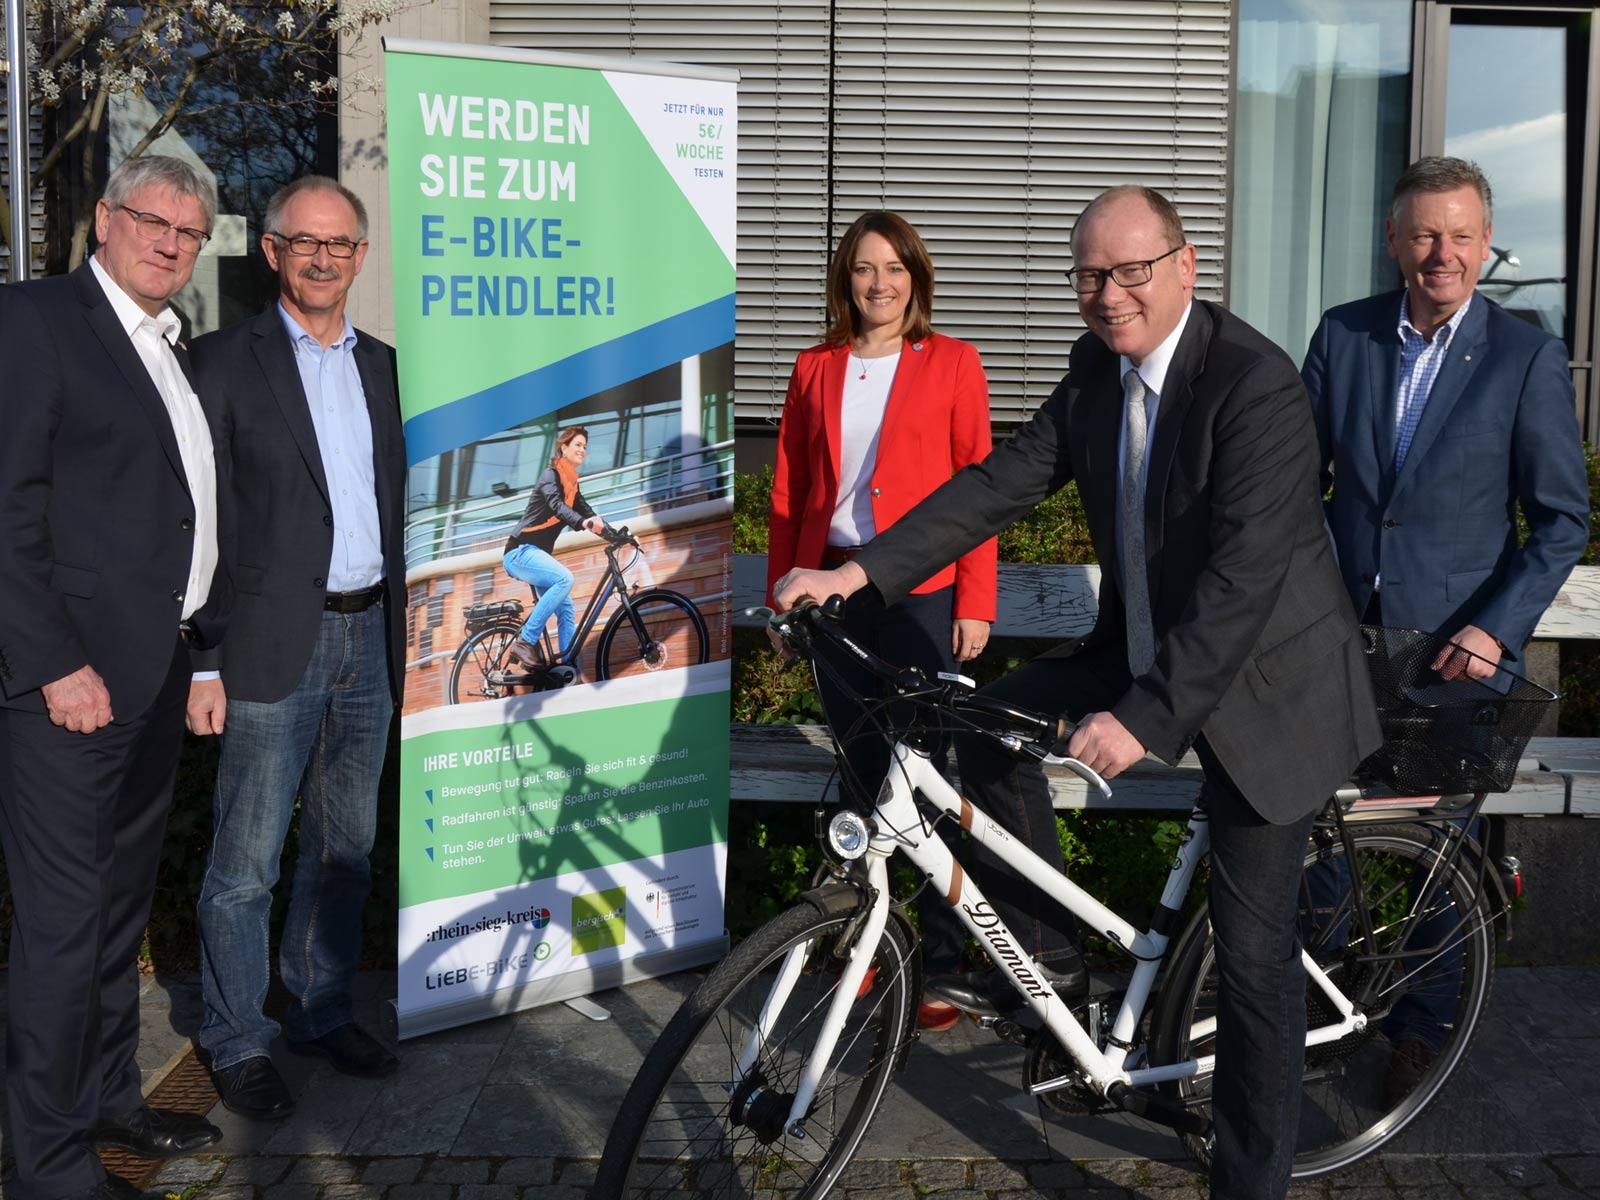 Ein Mann im Anzug sitzt auf einem Rad. Im Hintergrund stehen eine Frau und drei Männer.